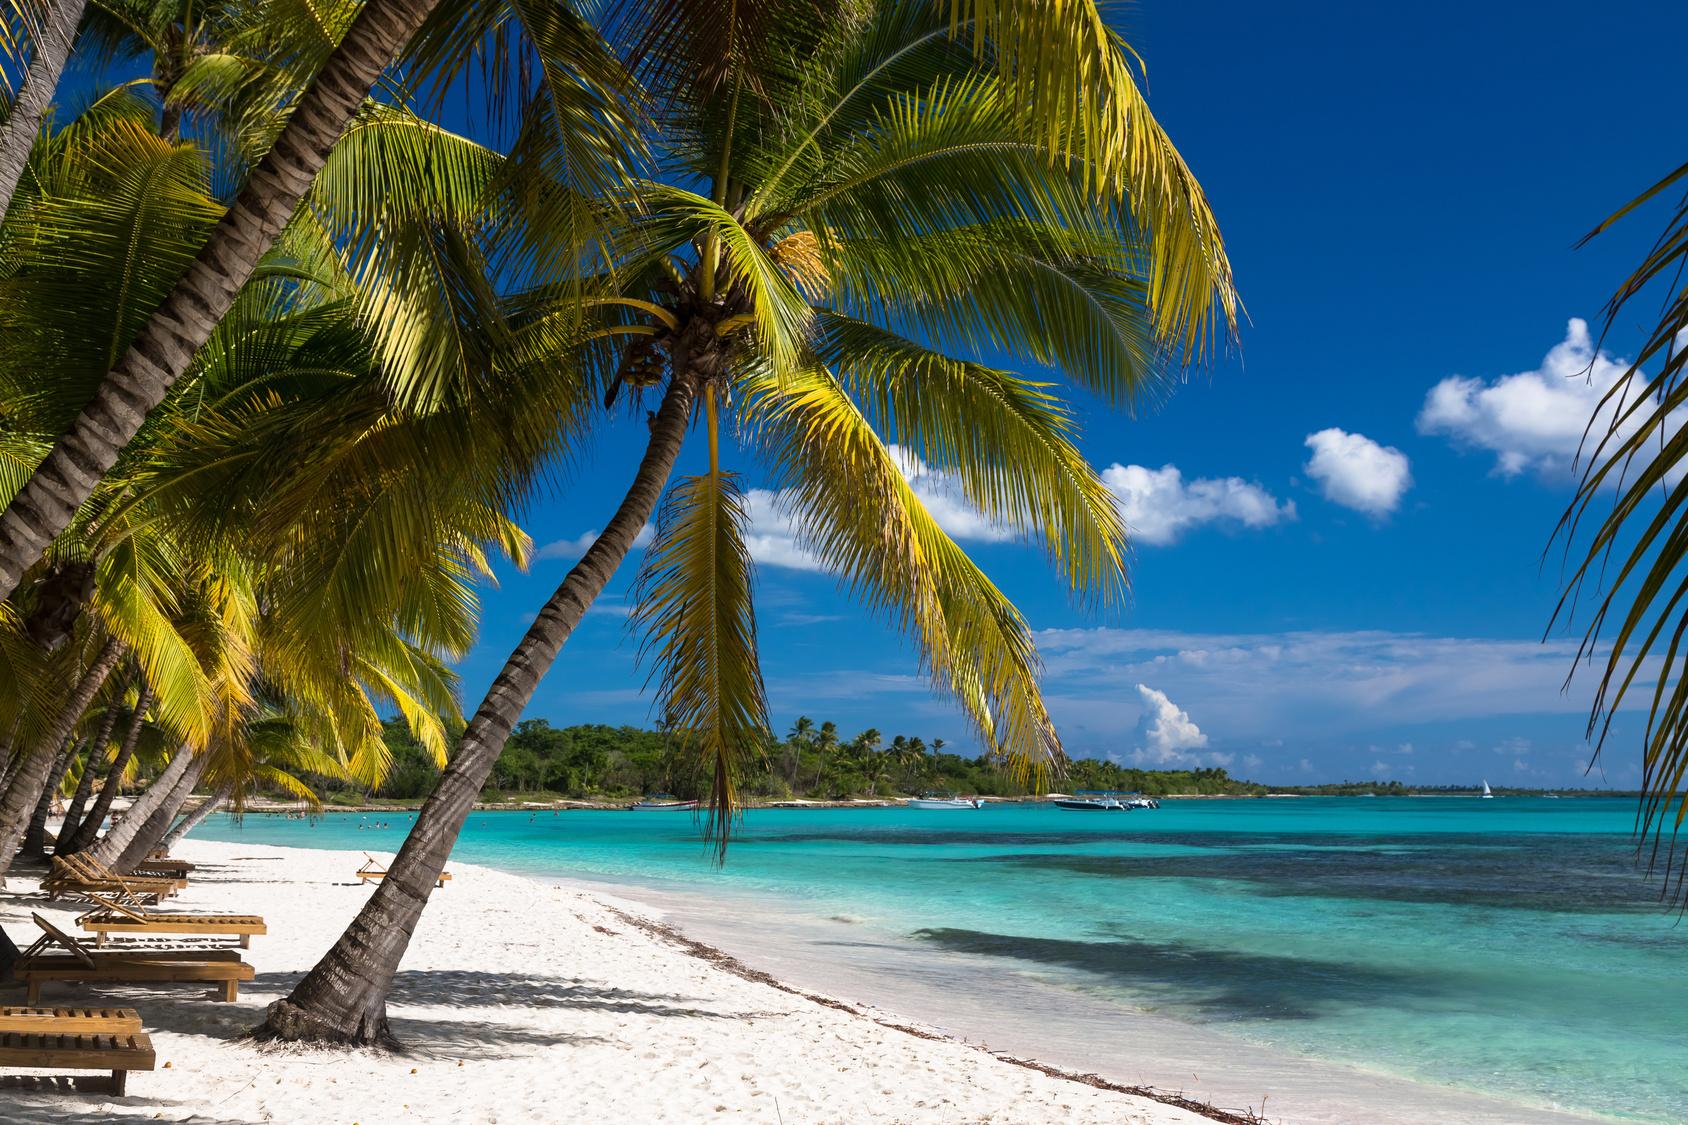 Dominikana wczasy i wycieczki na Karaiby!